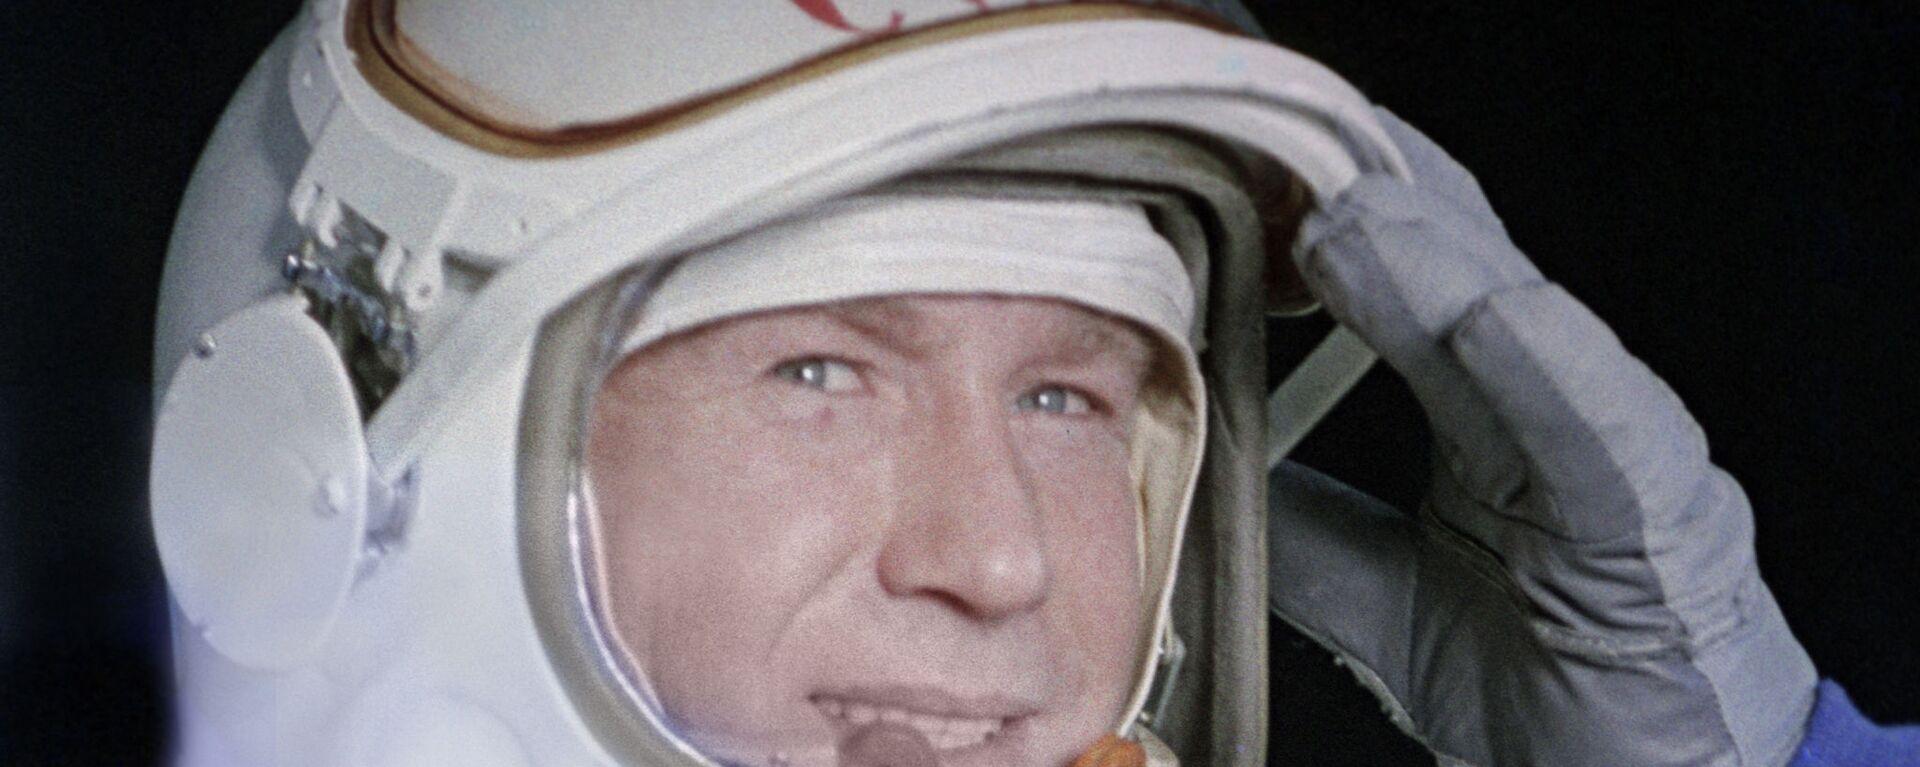 Космонавт Алексей Леонов в скафандре - Sputnik Таджикистан, 1920, 11.10.2019